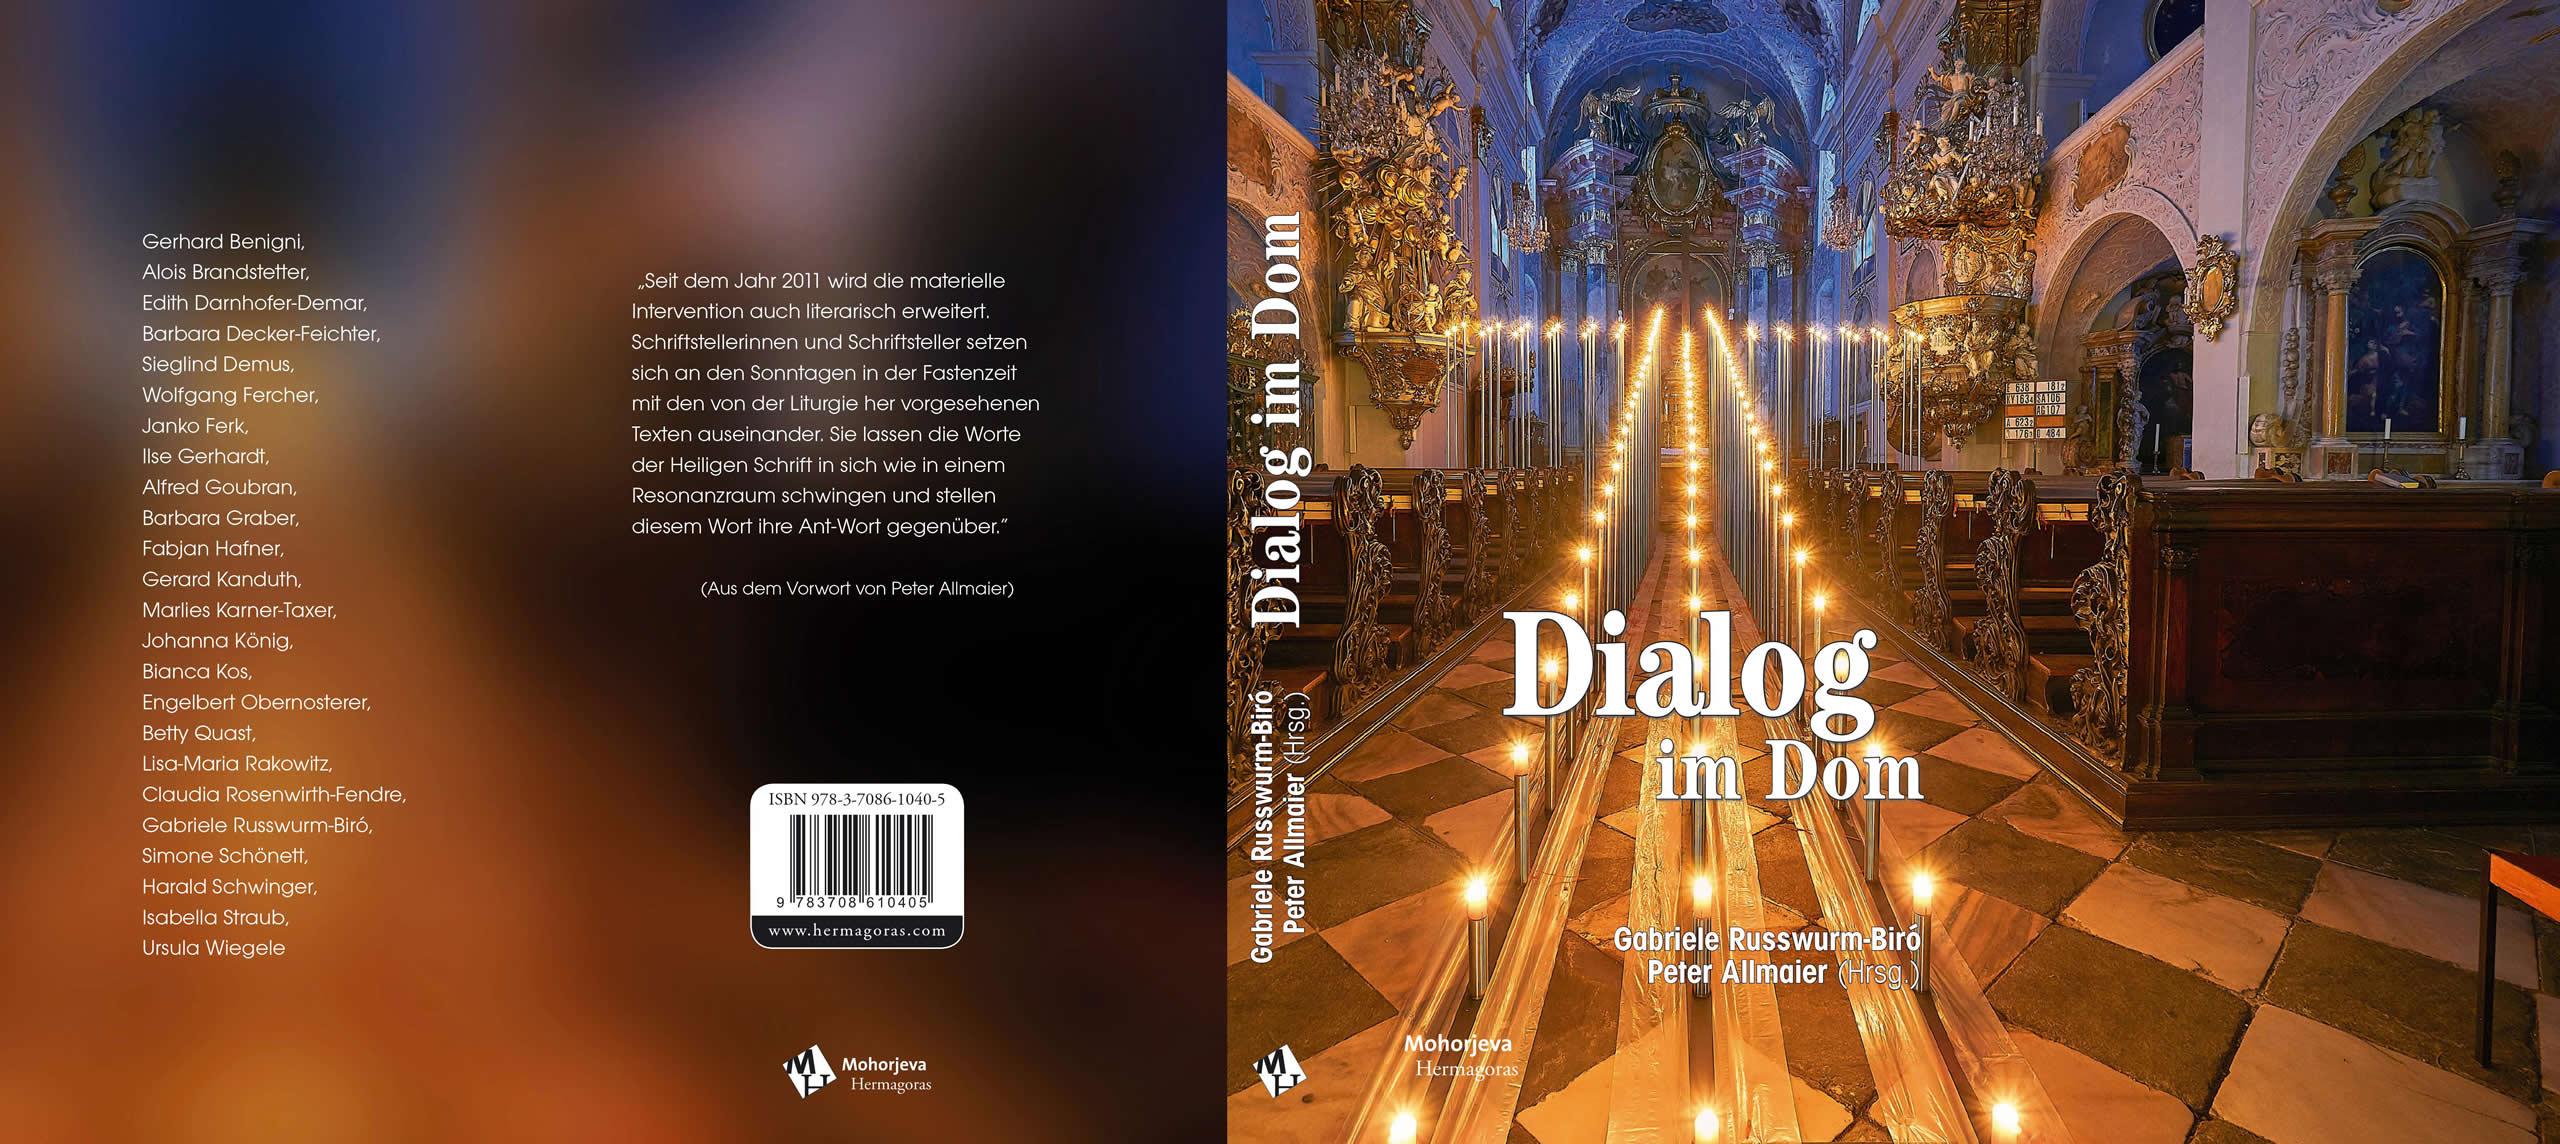 Dialog im Dom | Herausgegeben von Gabriele Russwurm-Biro u. Peter Allmaier | Hermagoras 2019